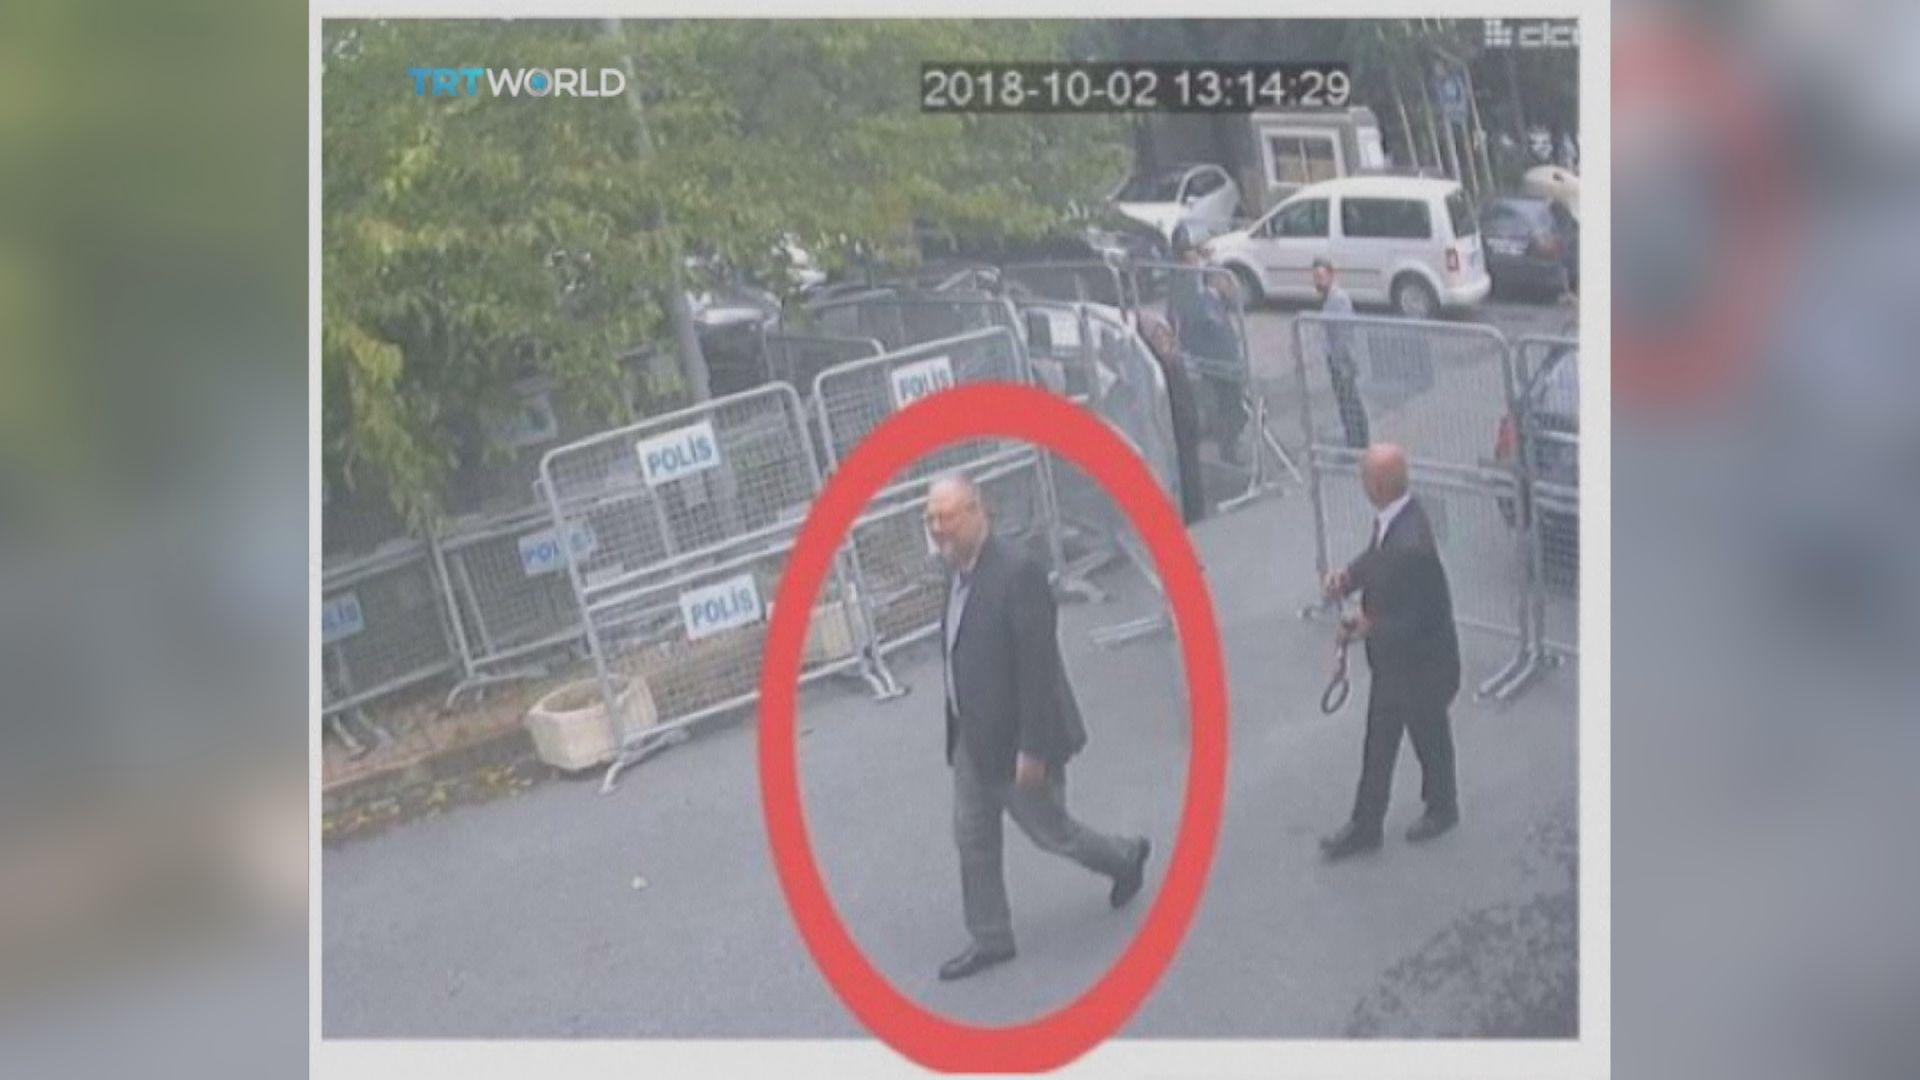 CIA局長據報聽取卡舒吉遇害錄音